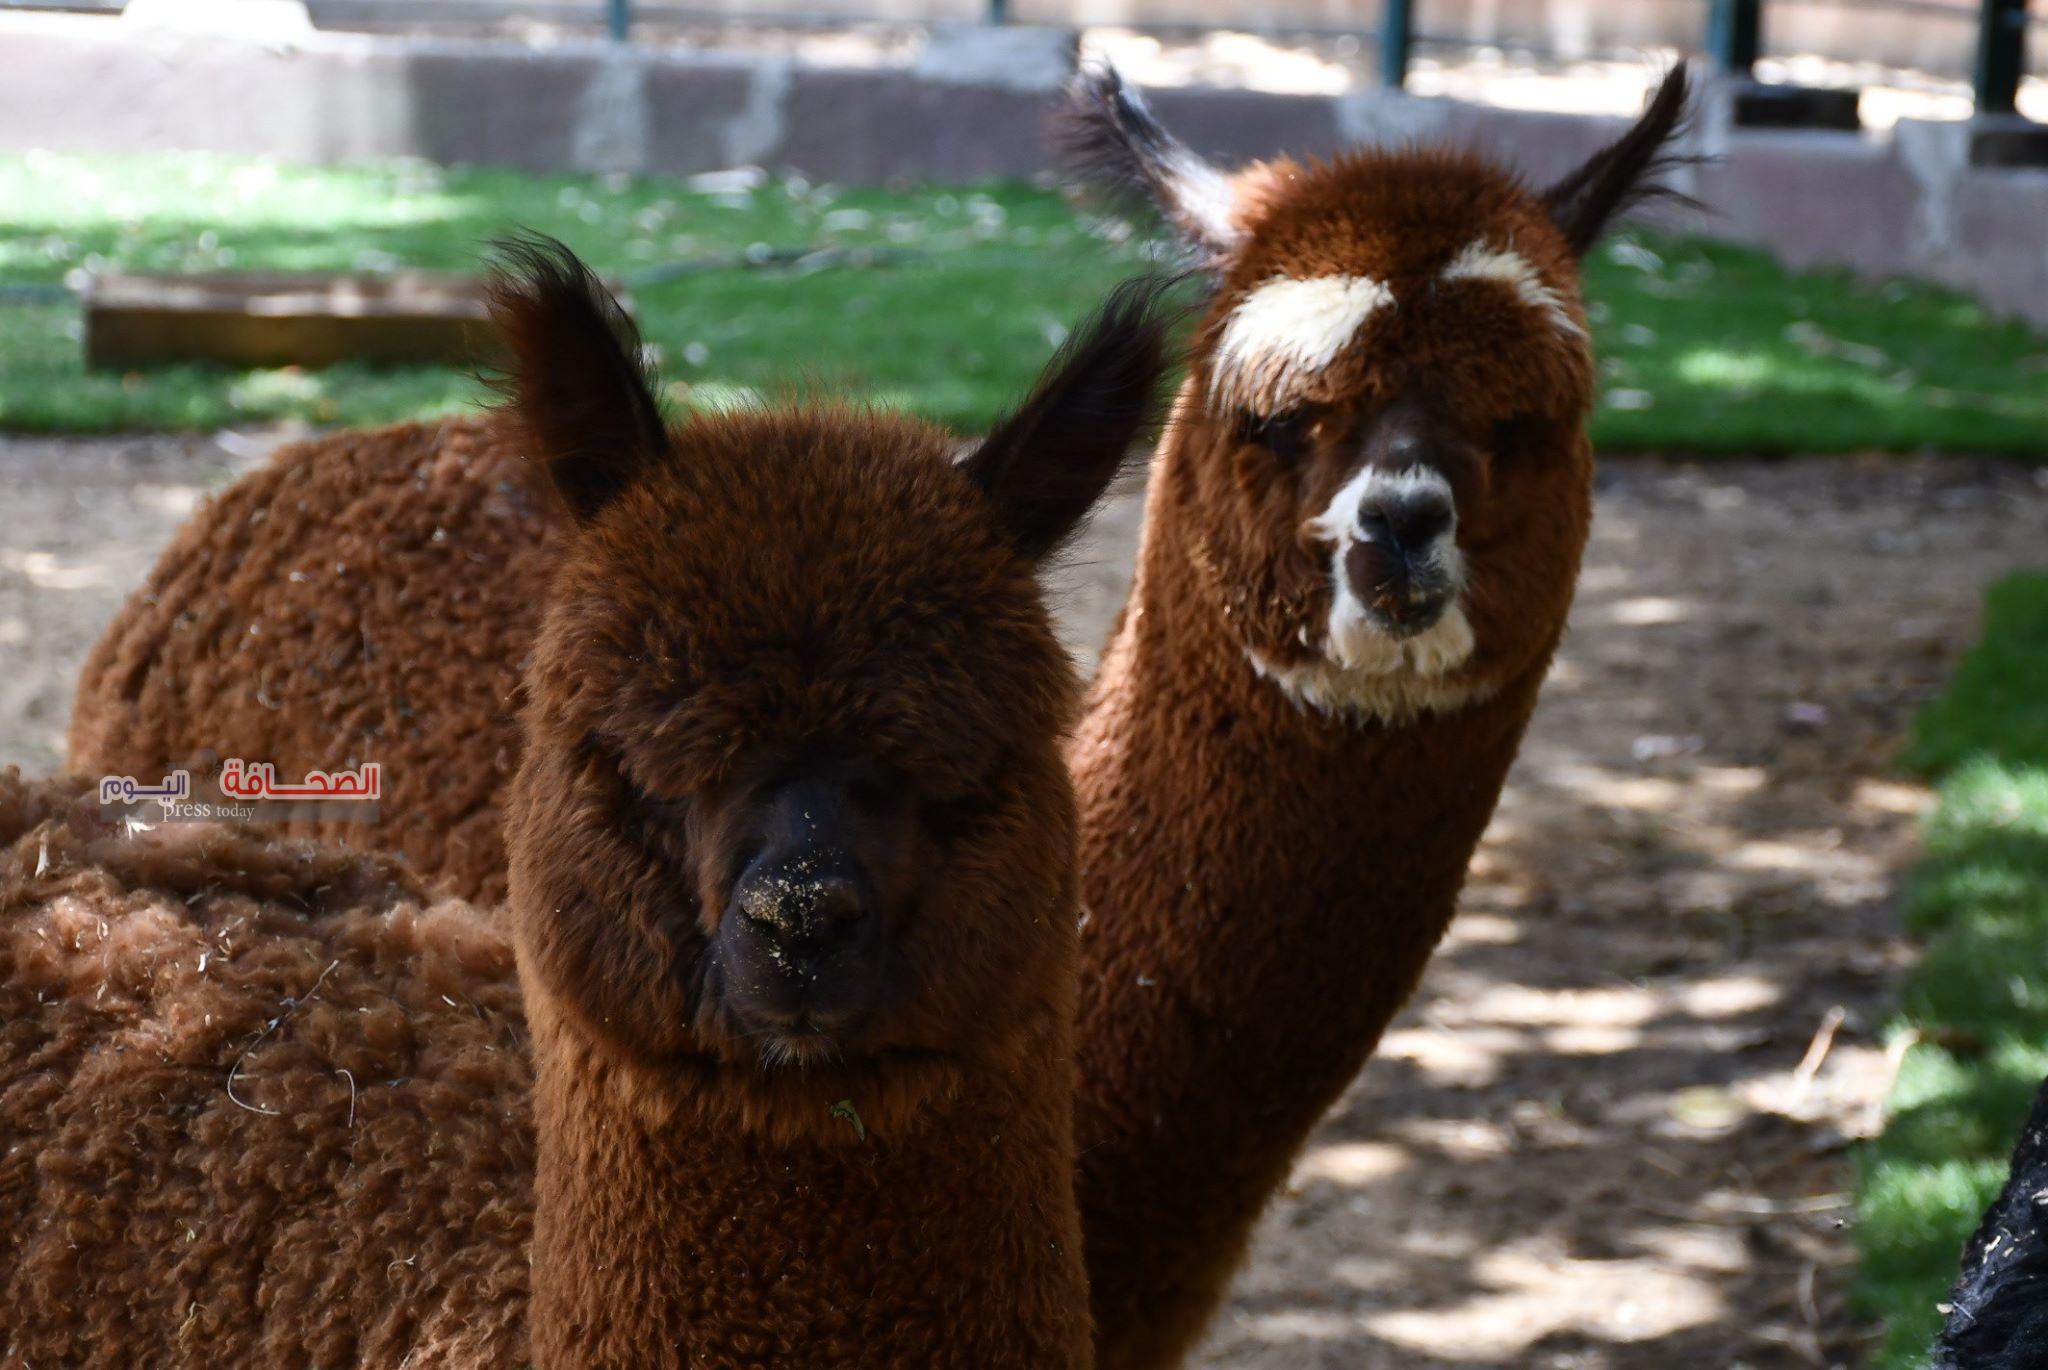 بالصور .. حديقة الحيوان بالجيزة تستقبل جمل البكة الامريكى